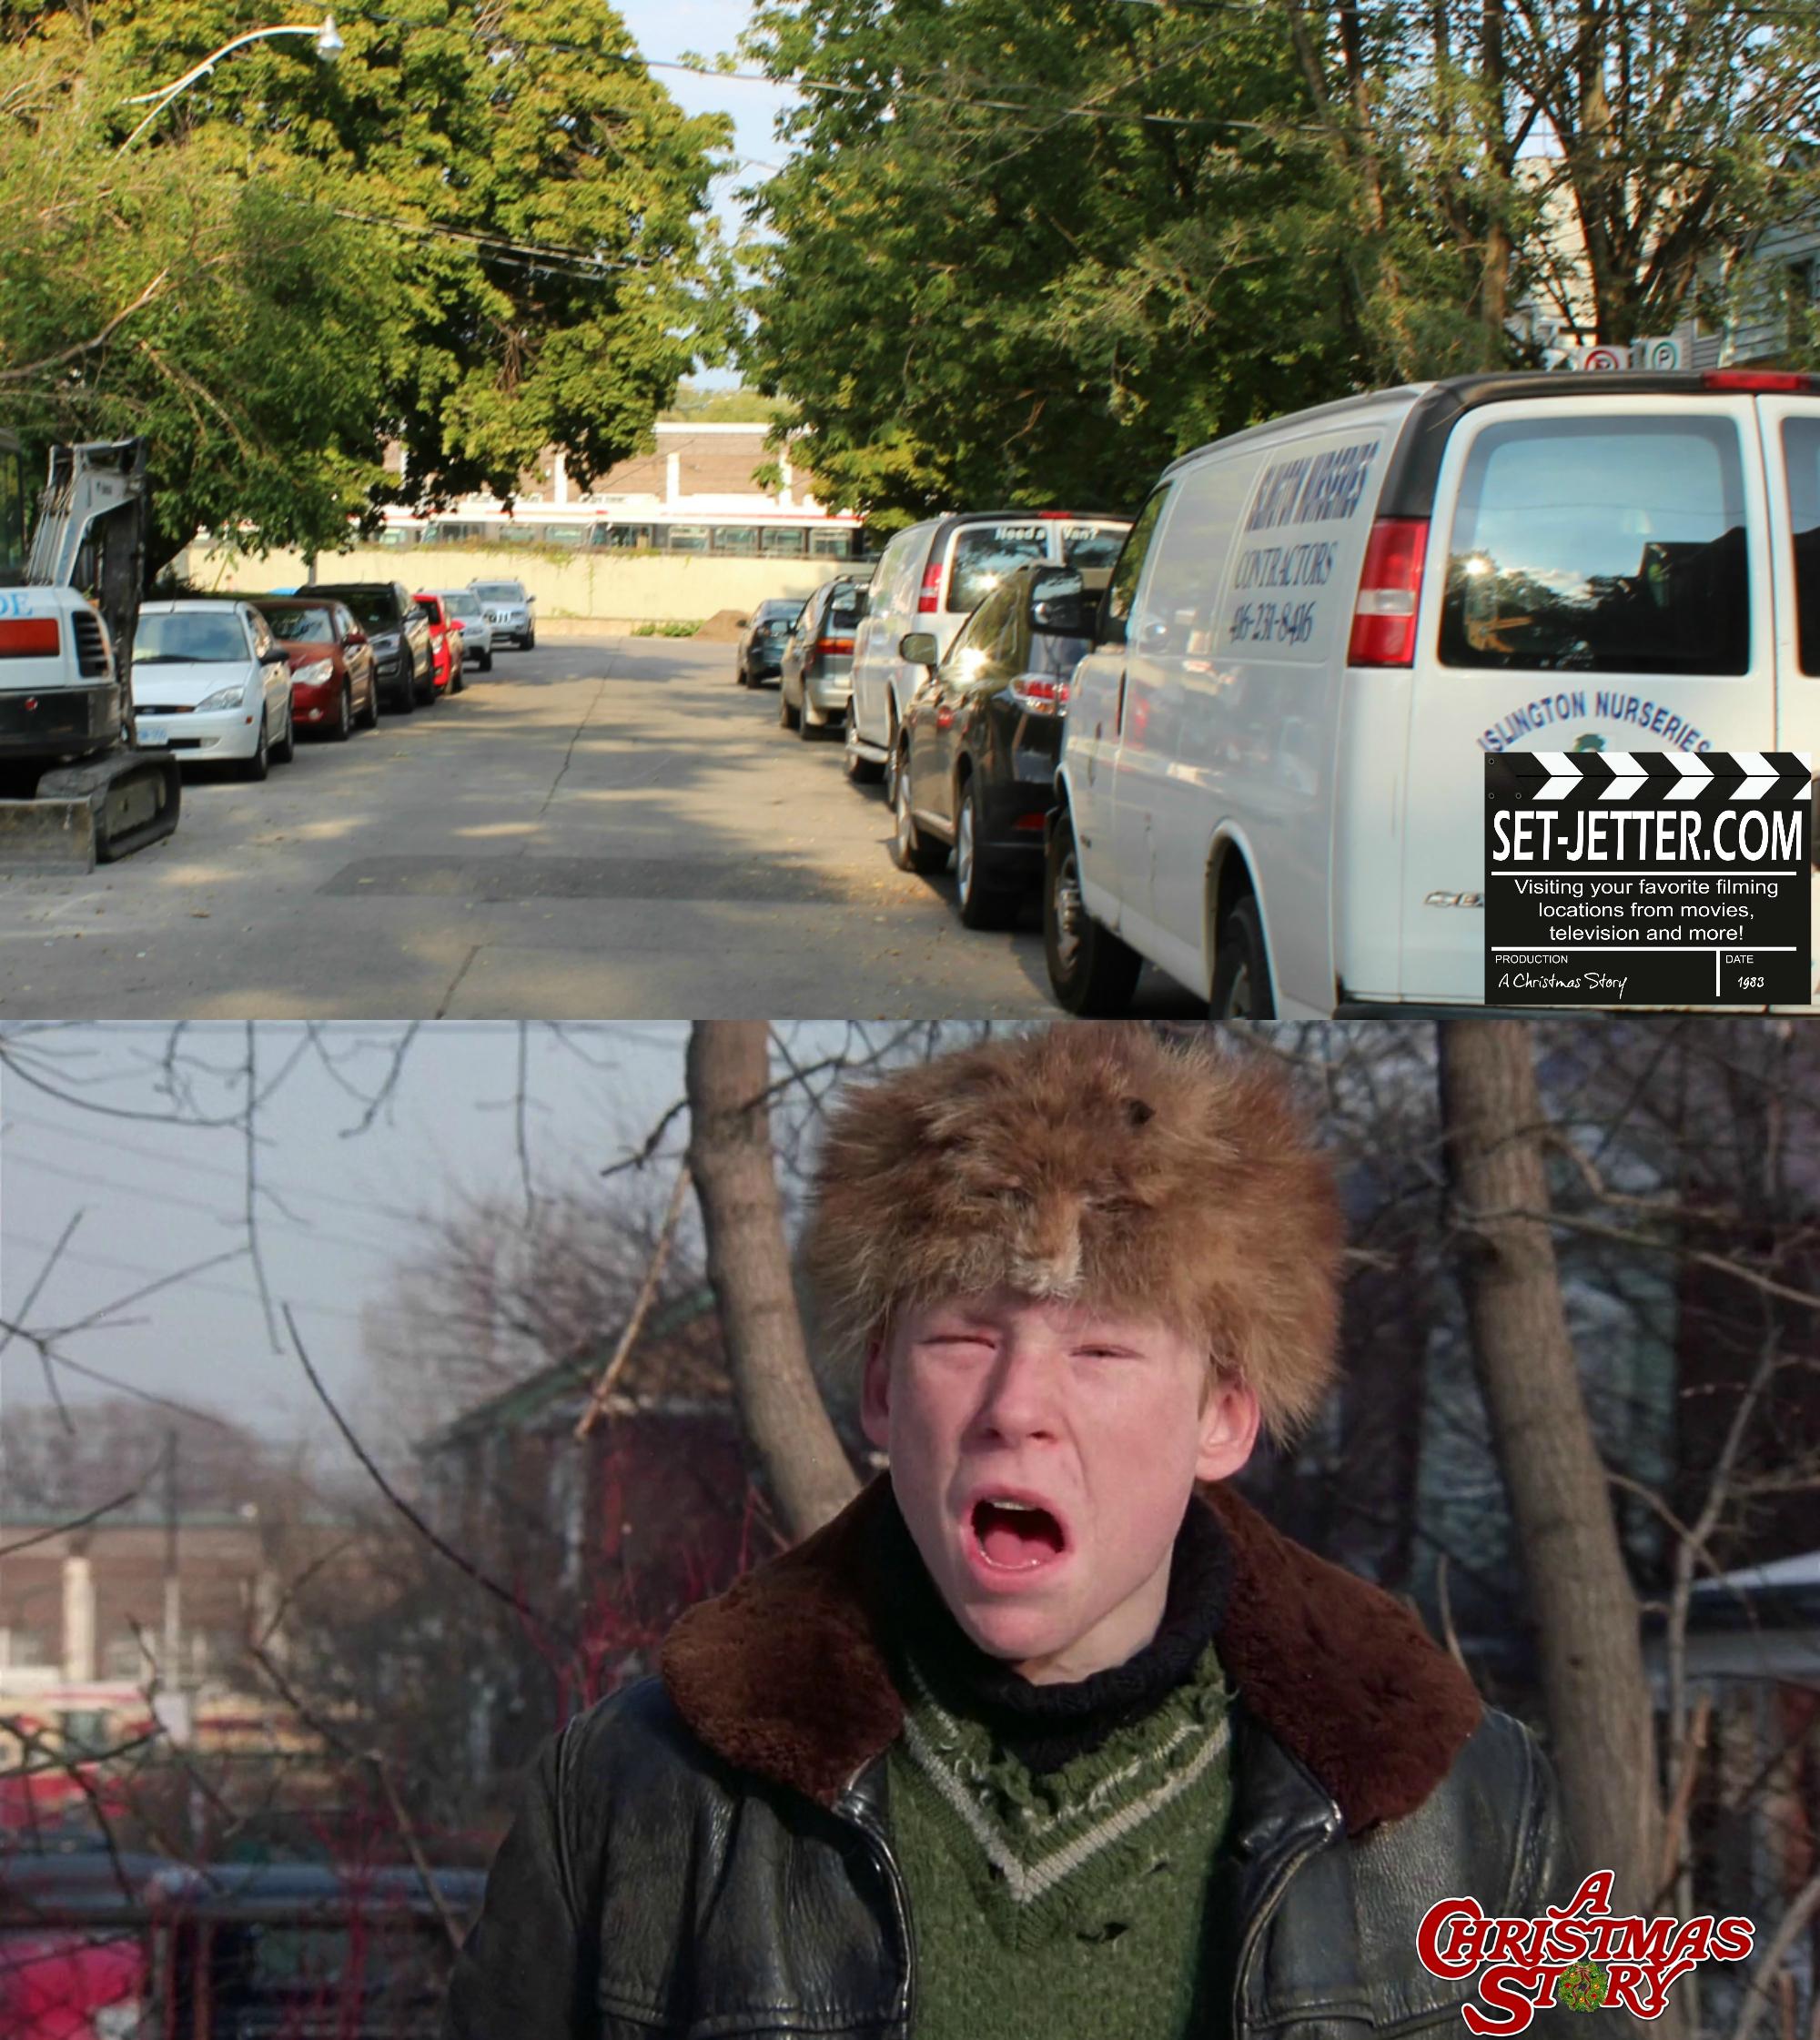 Christmas Story comparison 67b.jpg